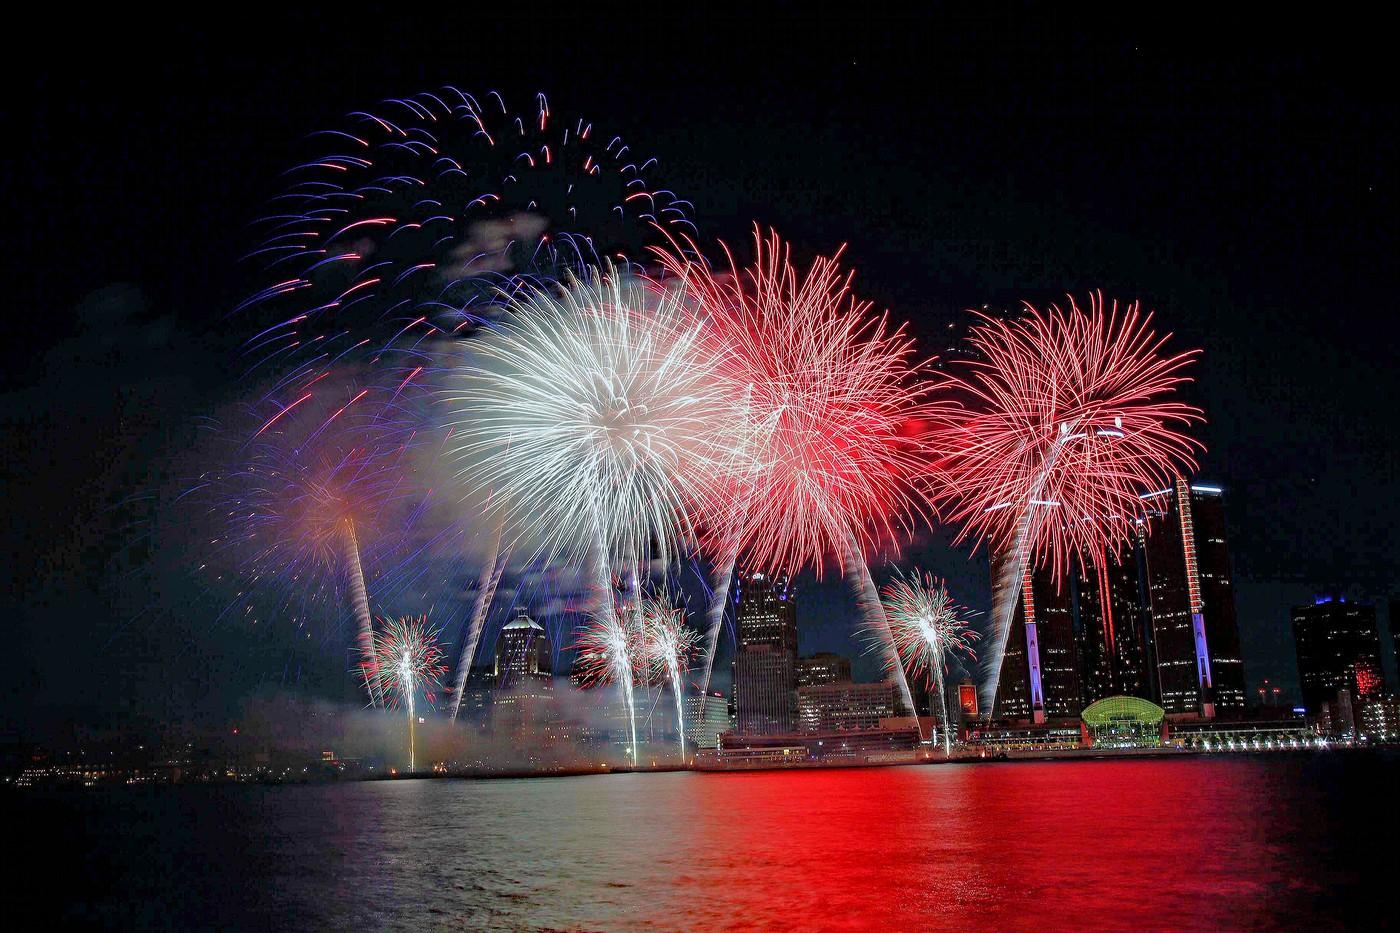 Det Fireworks 6-25-18 Windsor 1728 edited-3